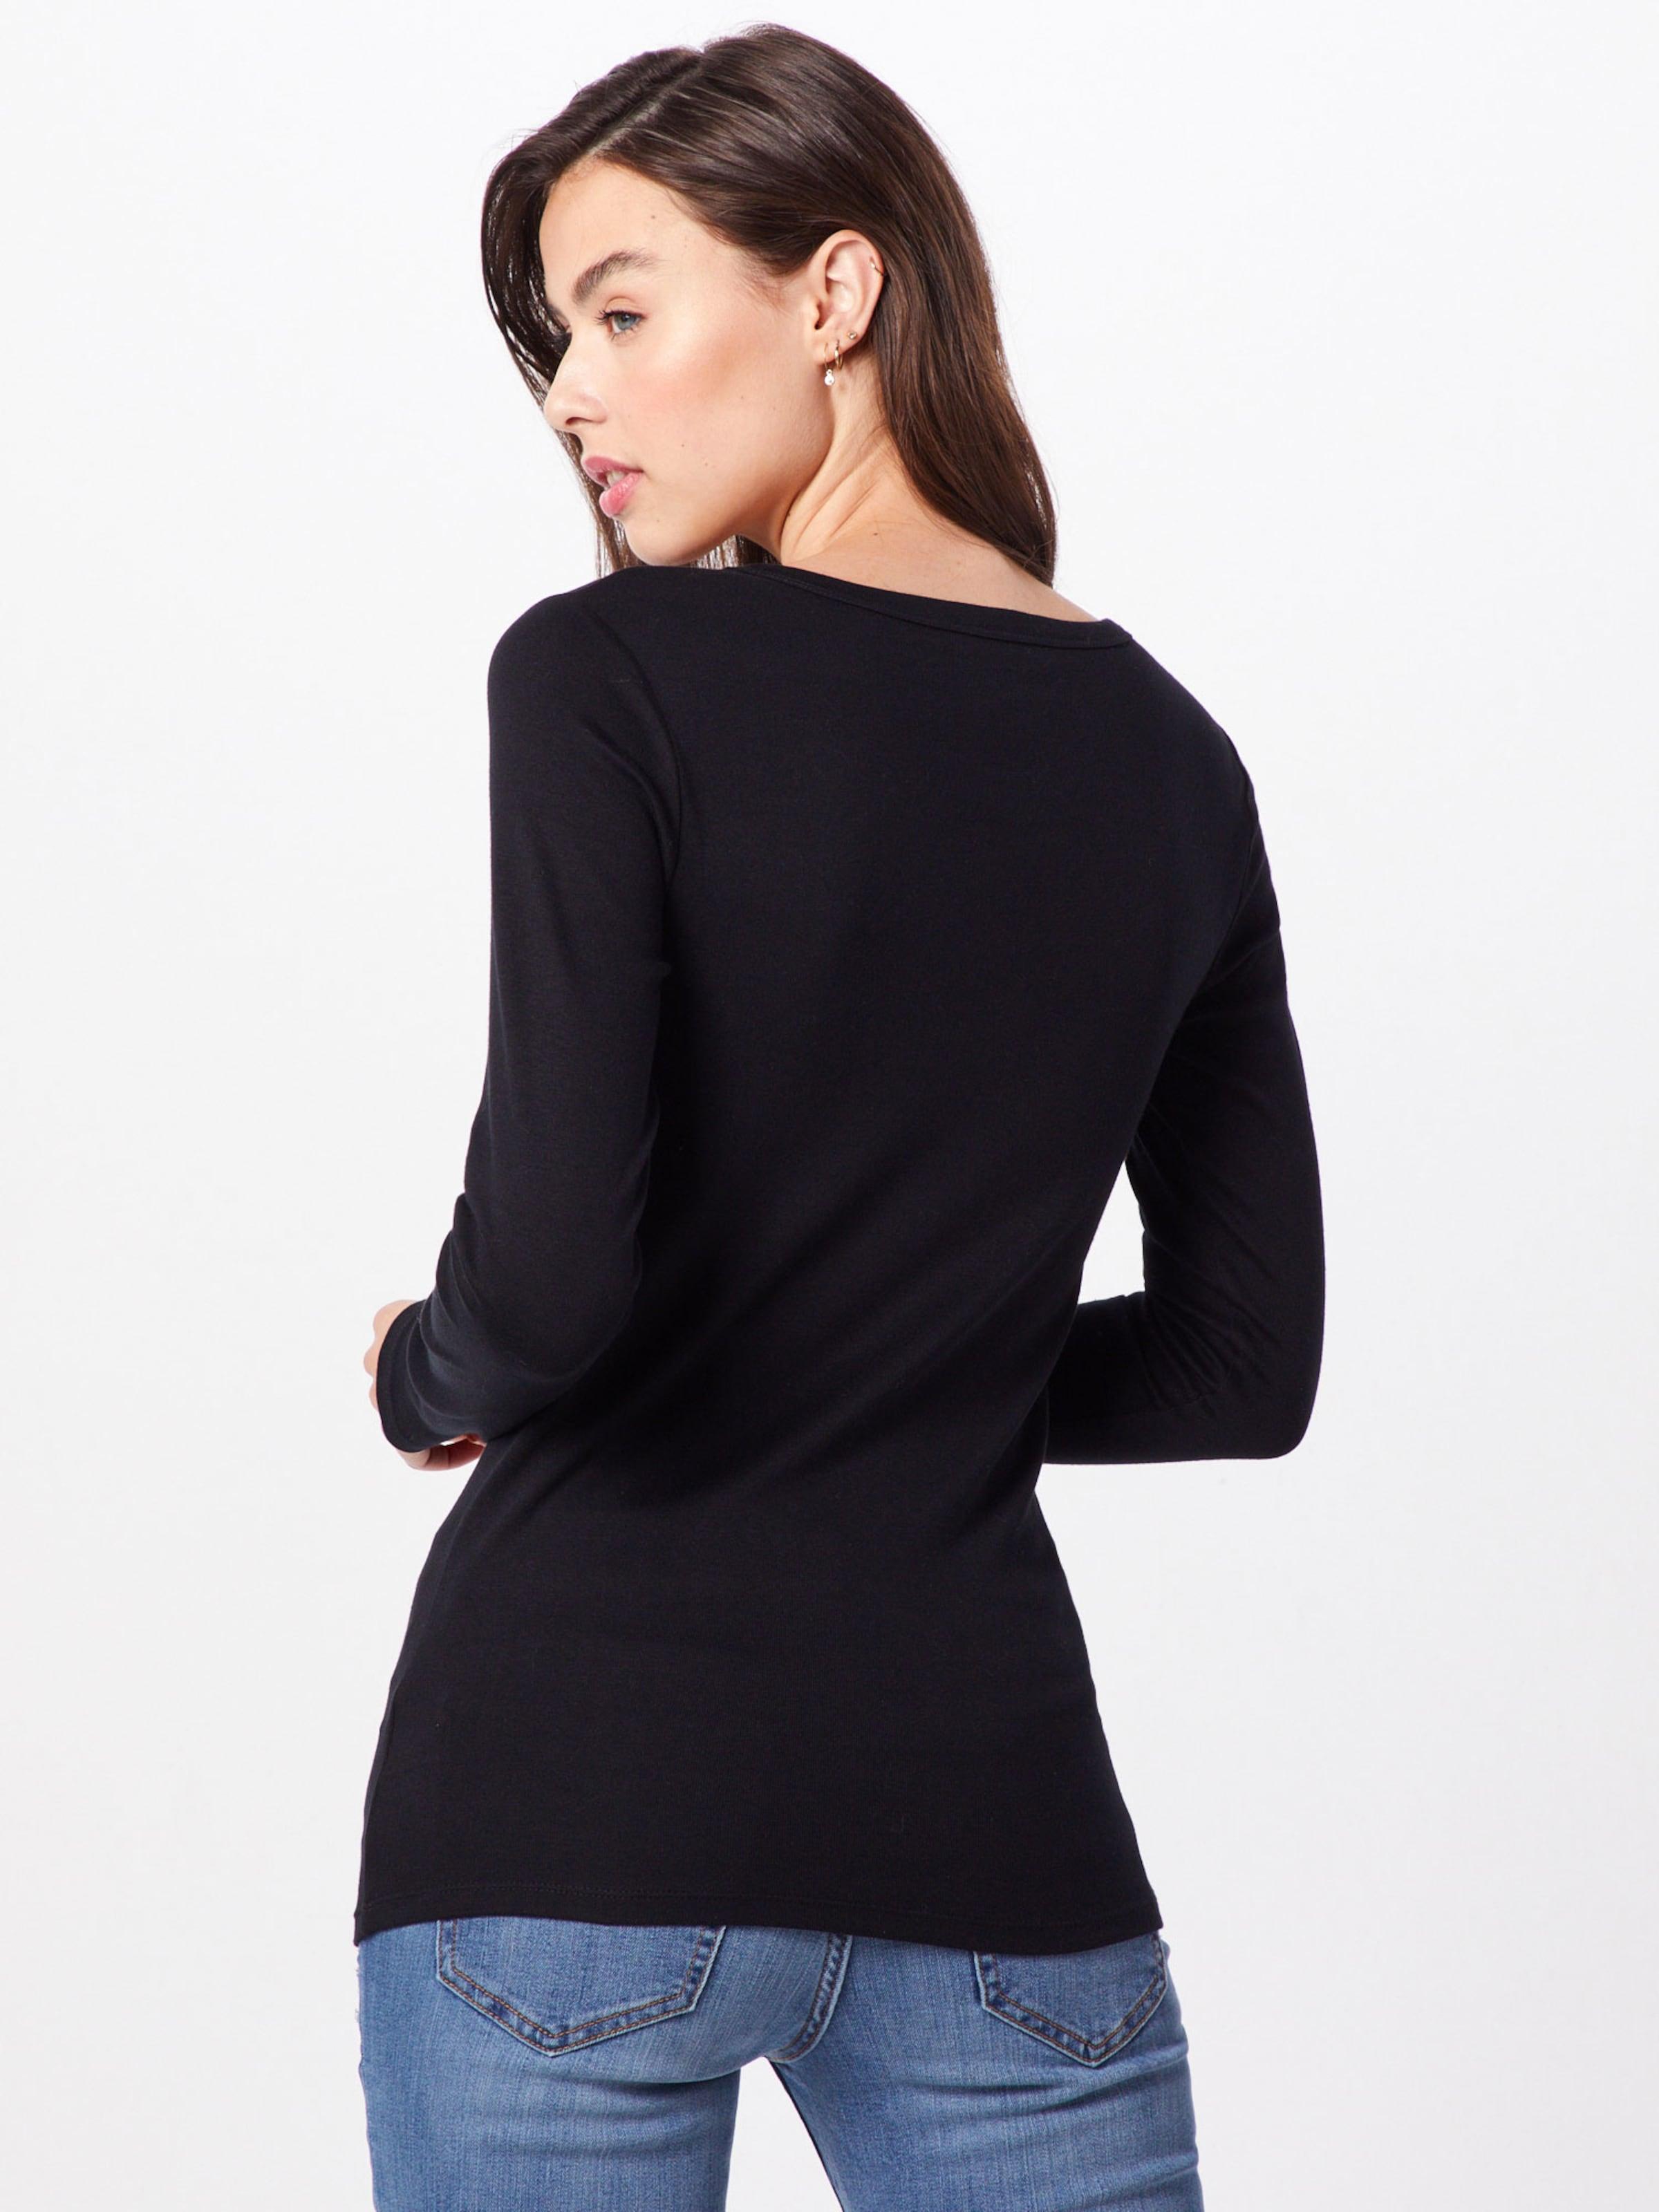 Gap shirt T En Noir 'lsmodcrew' OPkXZuTi